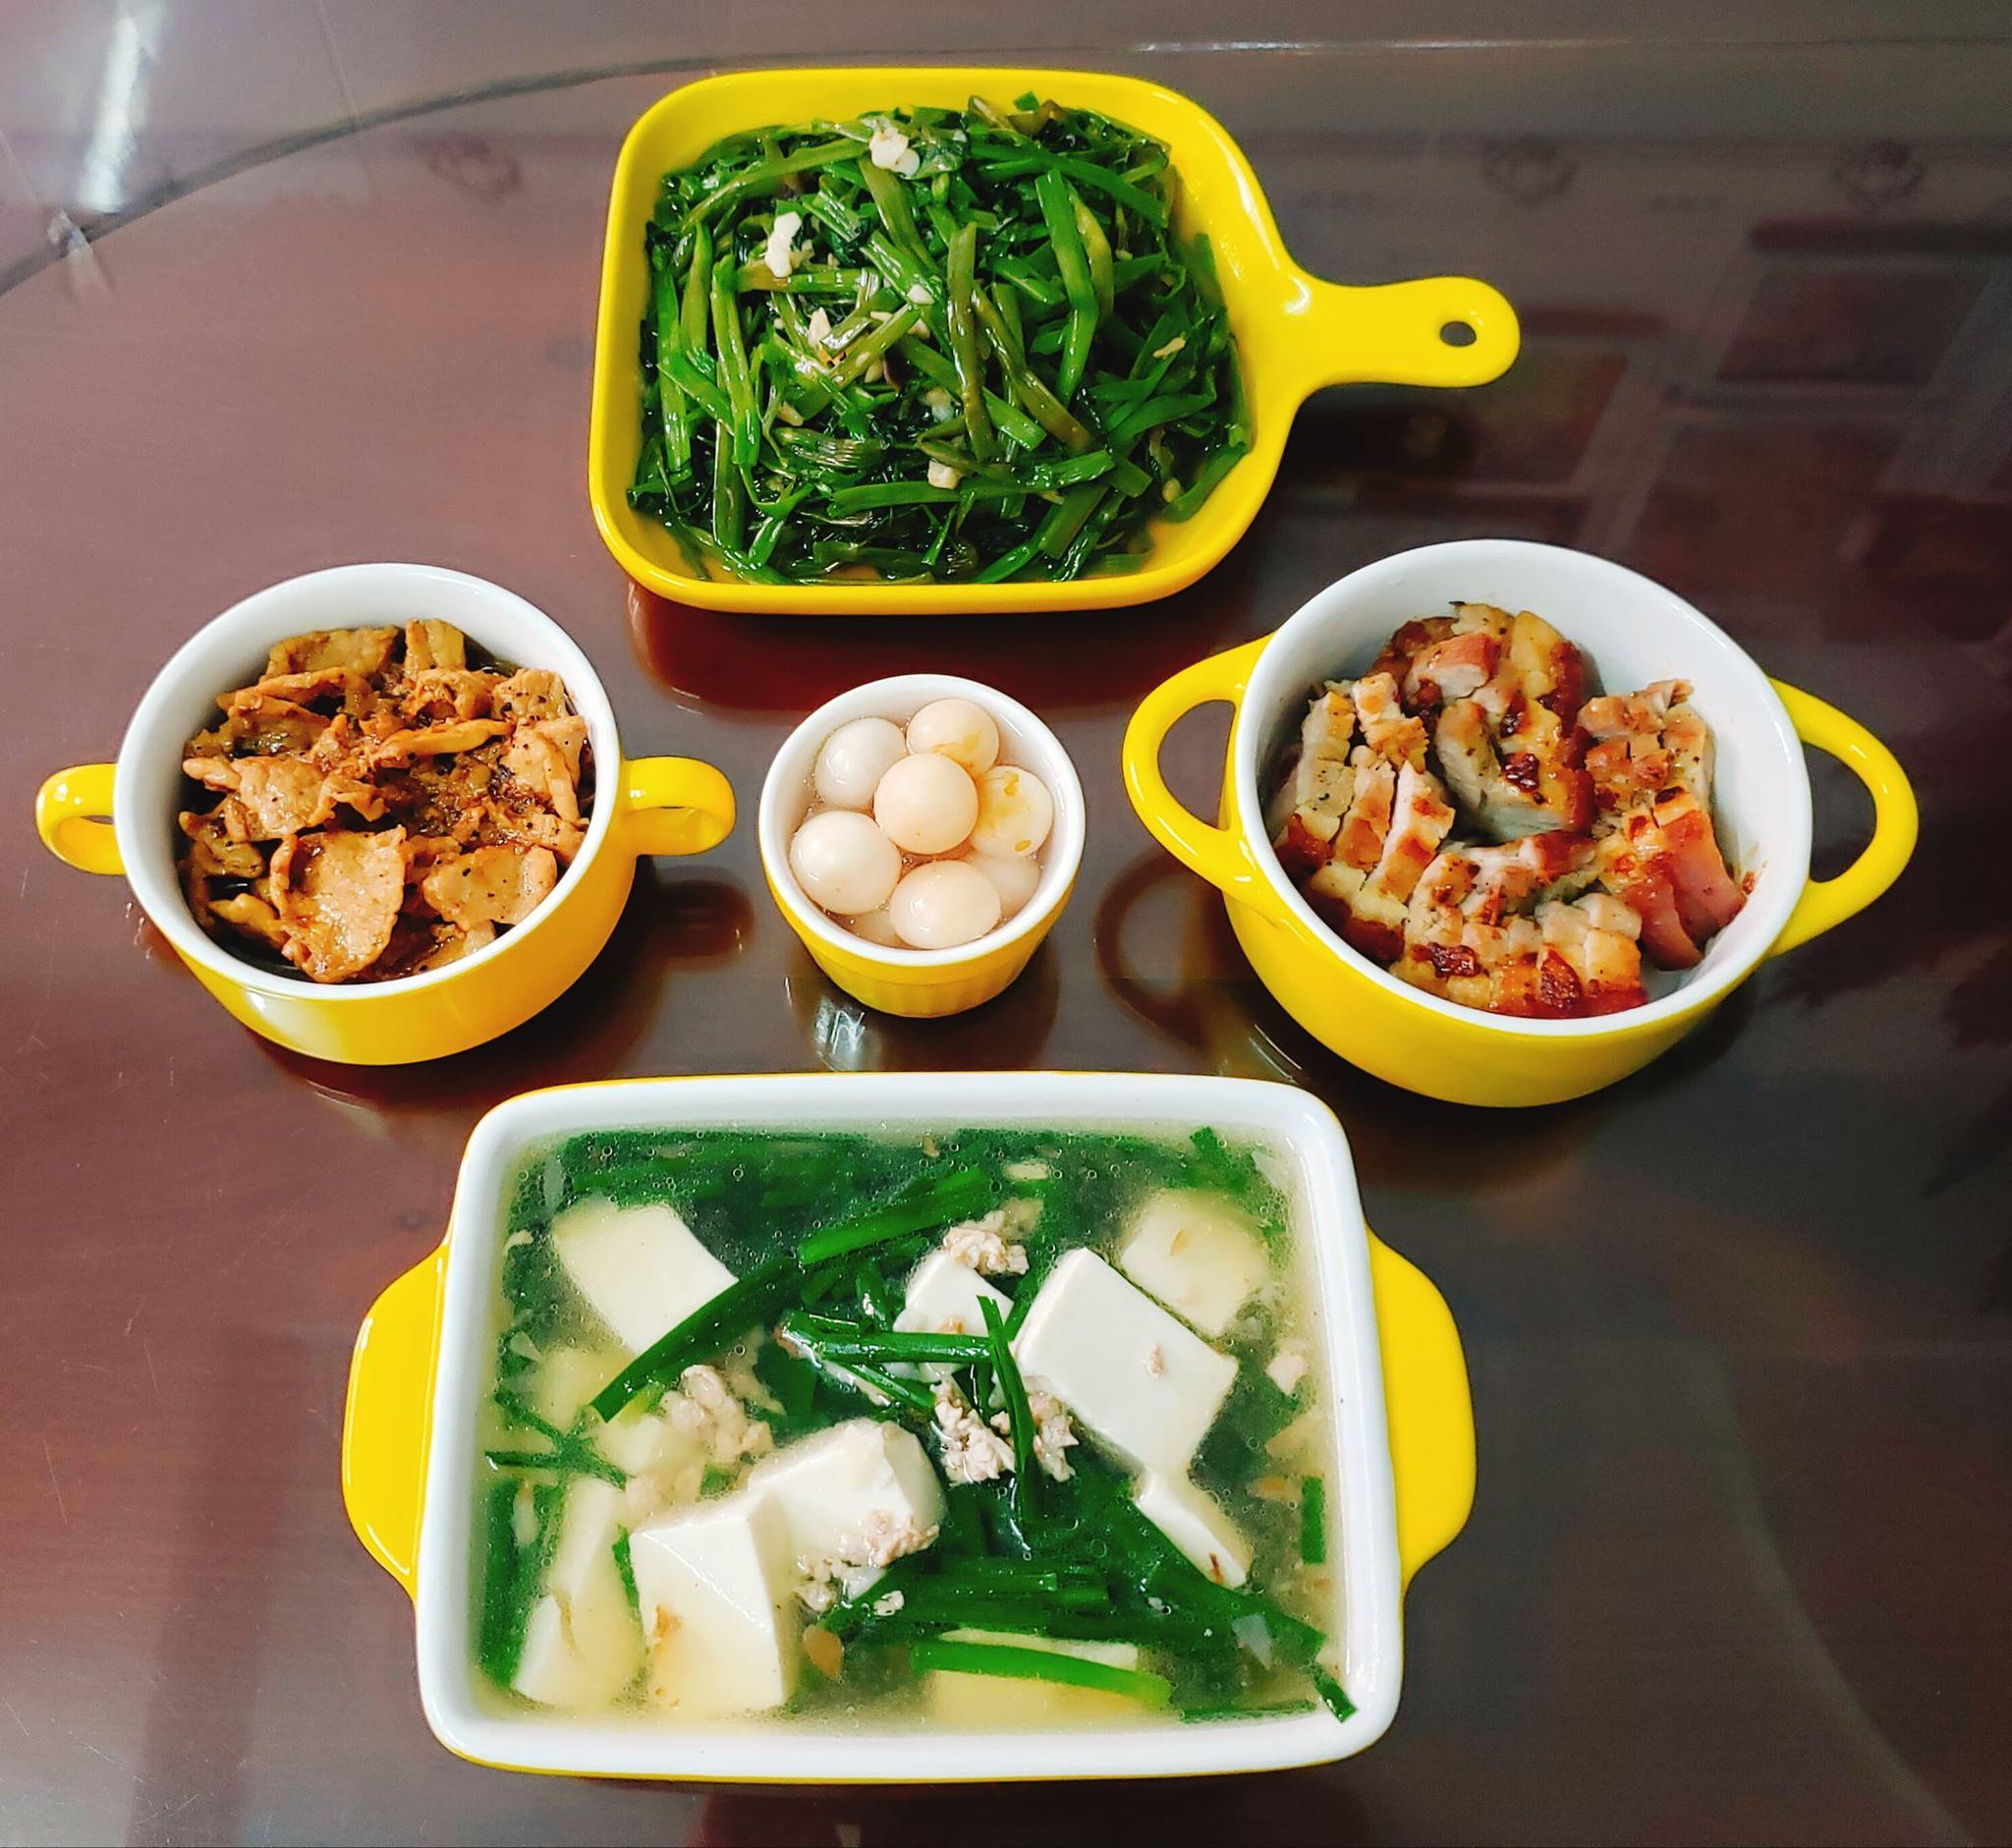 Chỉ từ 130k trở lên, bà nội trợ đảm Sài Gòn sắm sửa mỗi bữa cơm đều như đãi tiệc với các món bổ dưỡng, đẹp mắt cho gia đình 6 thành viên - Ảnh 8.